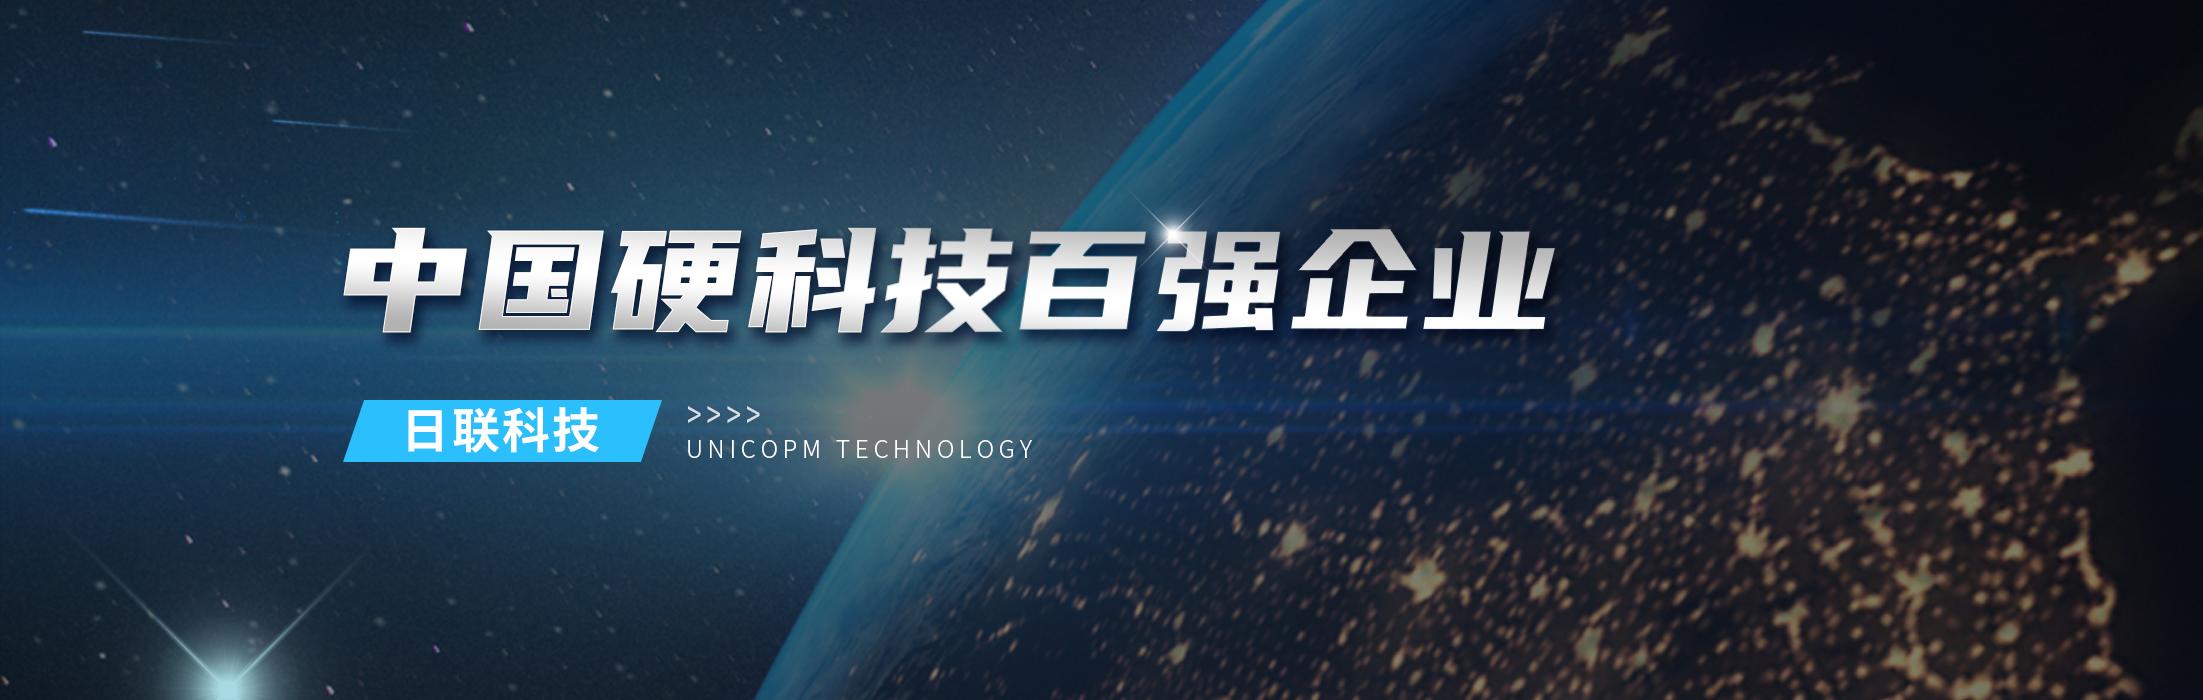 米乐m6电竞竞猜m6米乐app官网下载是中国硬m6米乐app官网下载百强企业